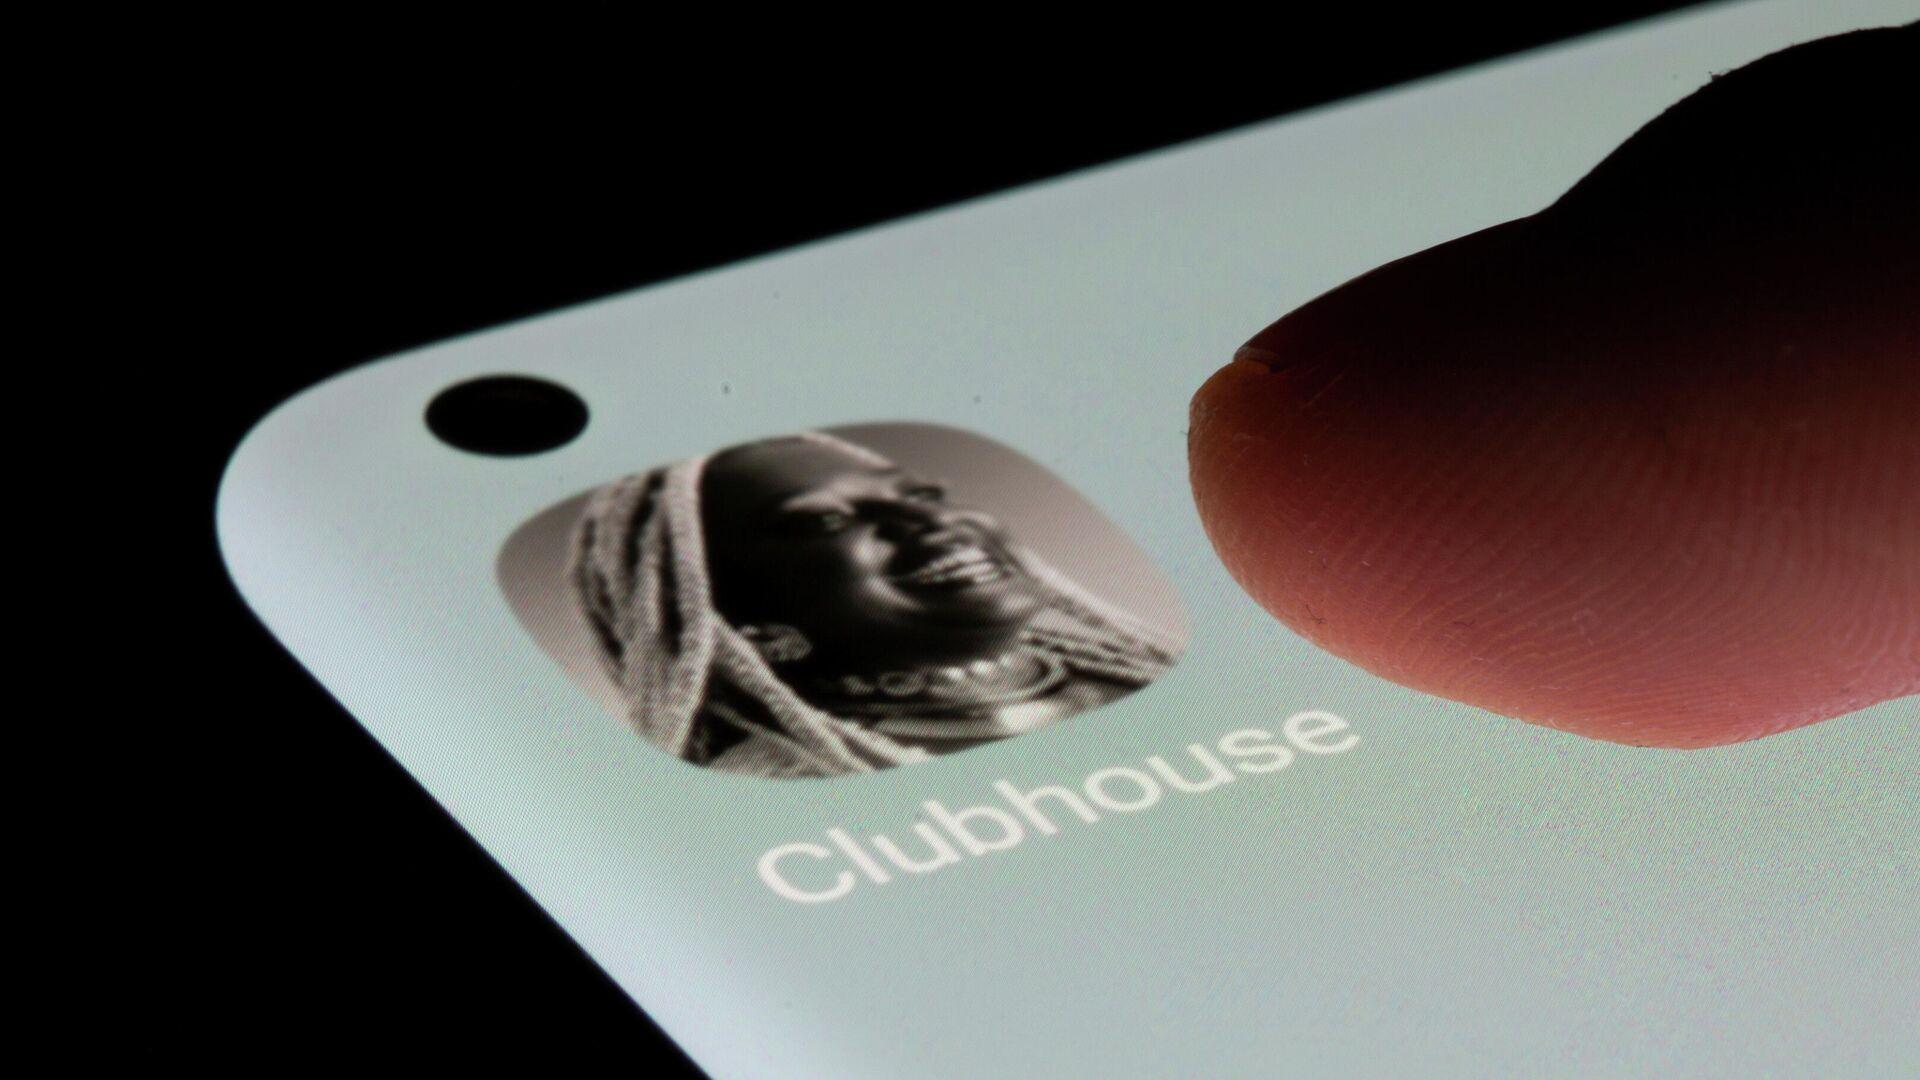 La aplicación de Clubhouse en un smartphone - Sputnik Mundo, 1920, 21.07.2021